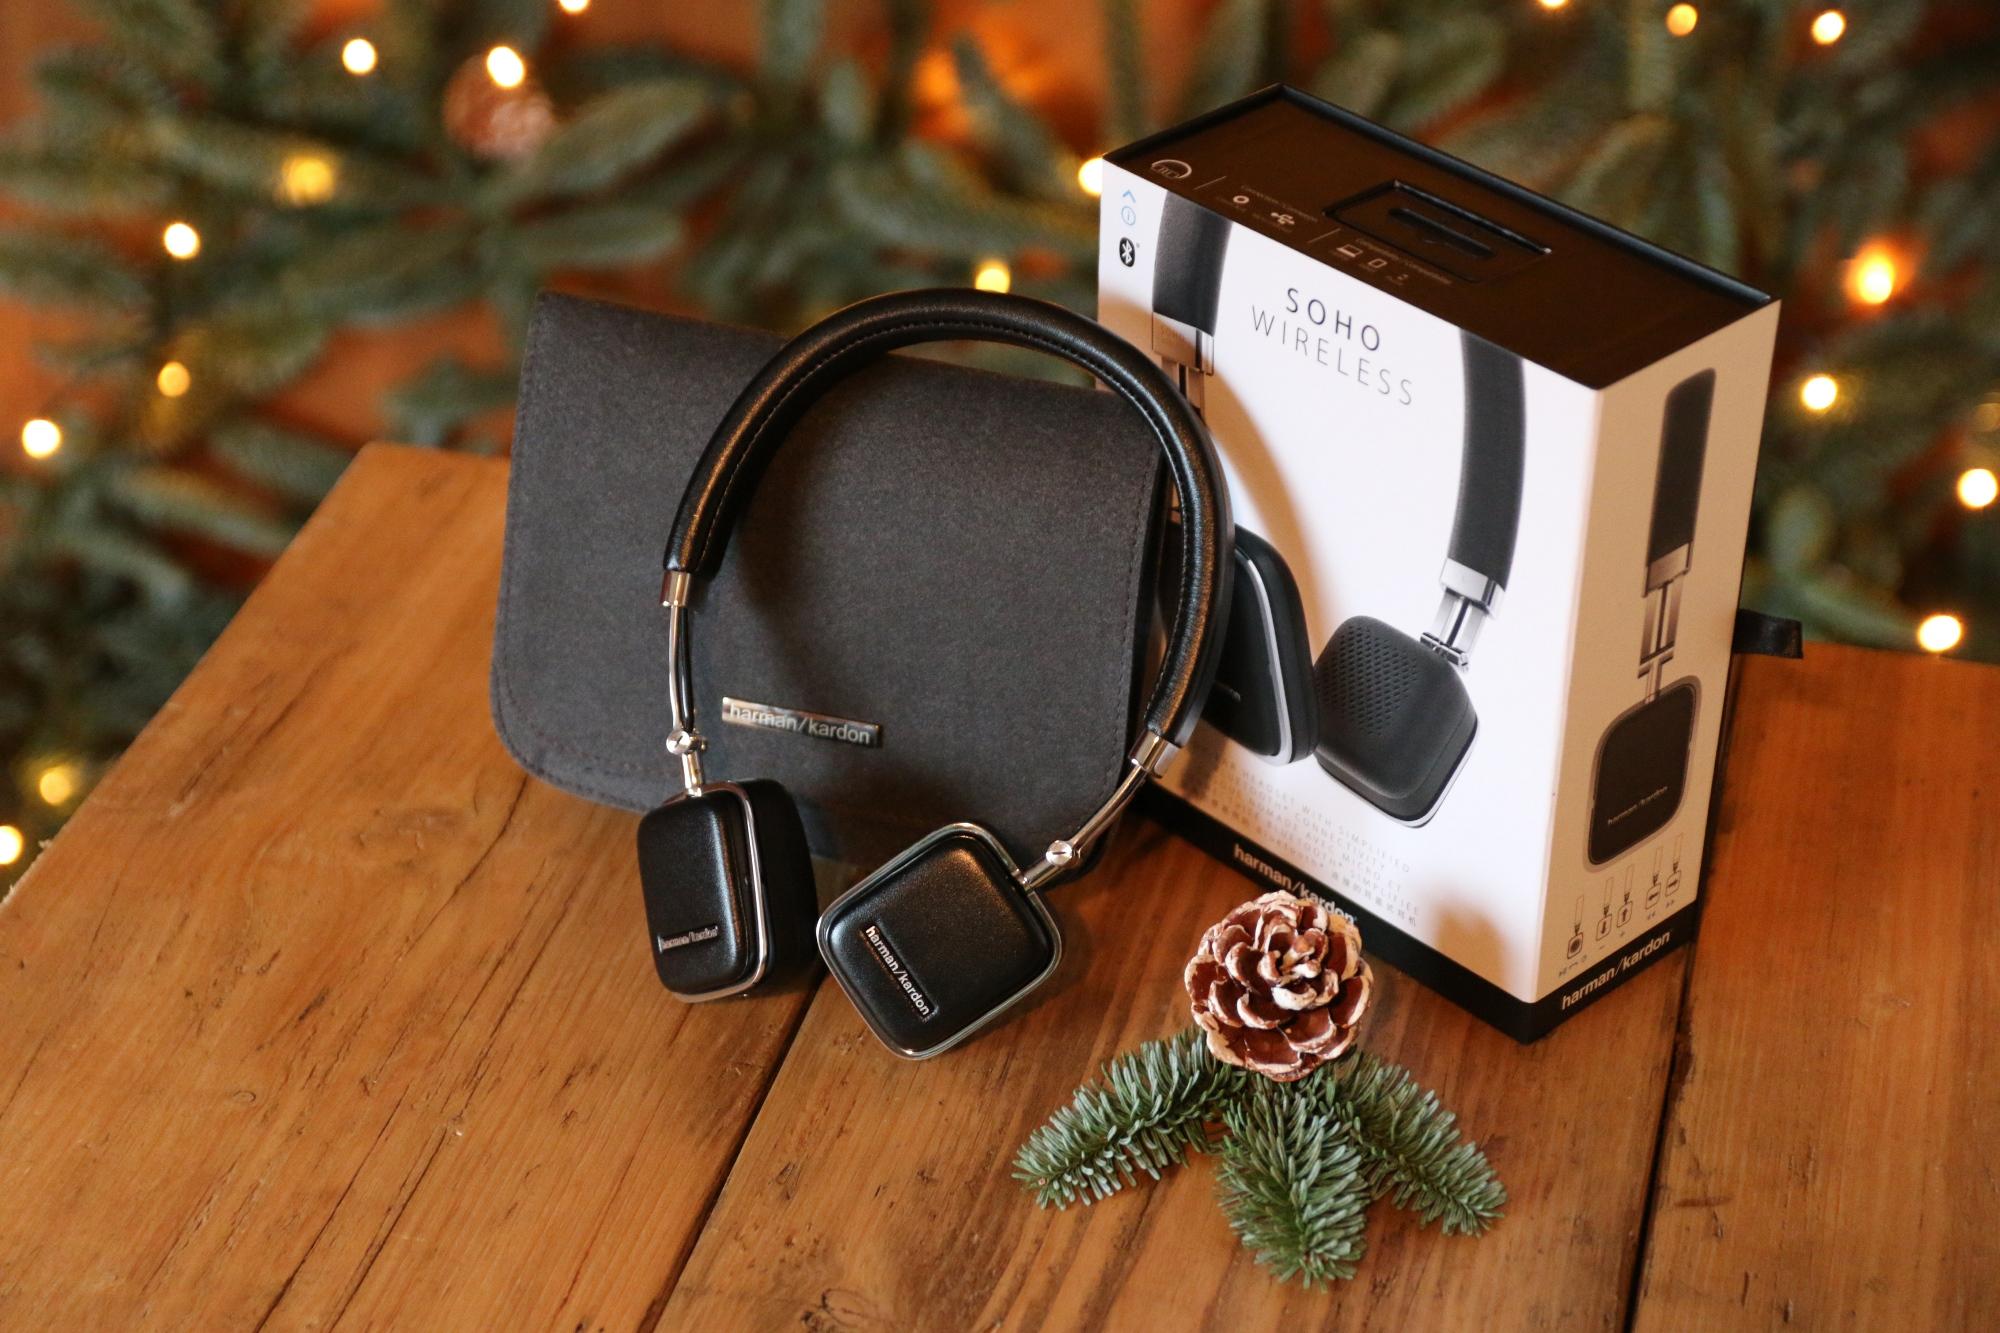 harman-kardon-soho-wireless-headphones